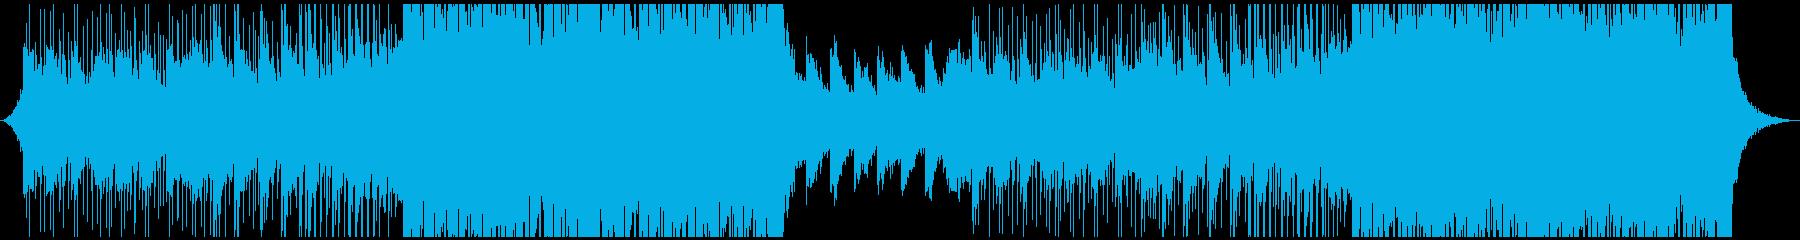 洋楽風 爽やかでクールなトロピカルハウスの再生済みの波形